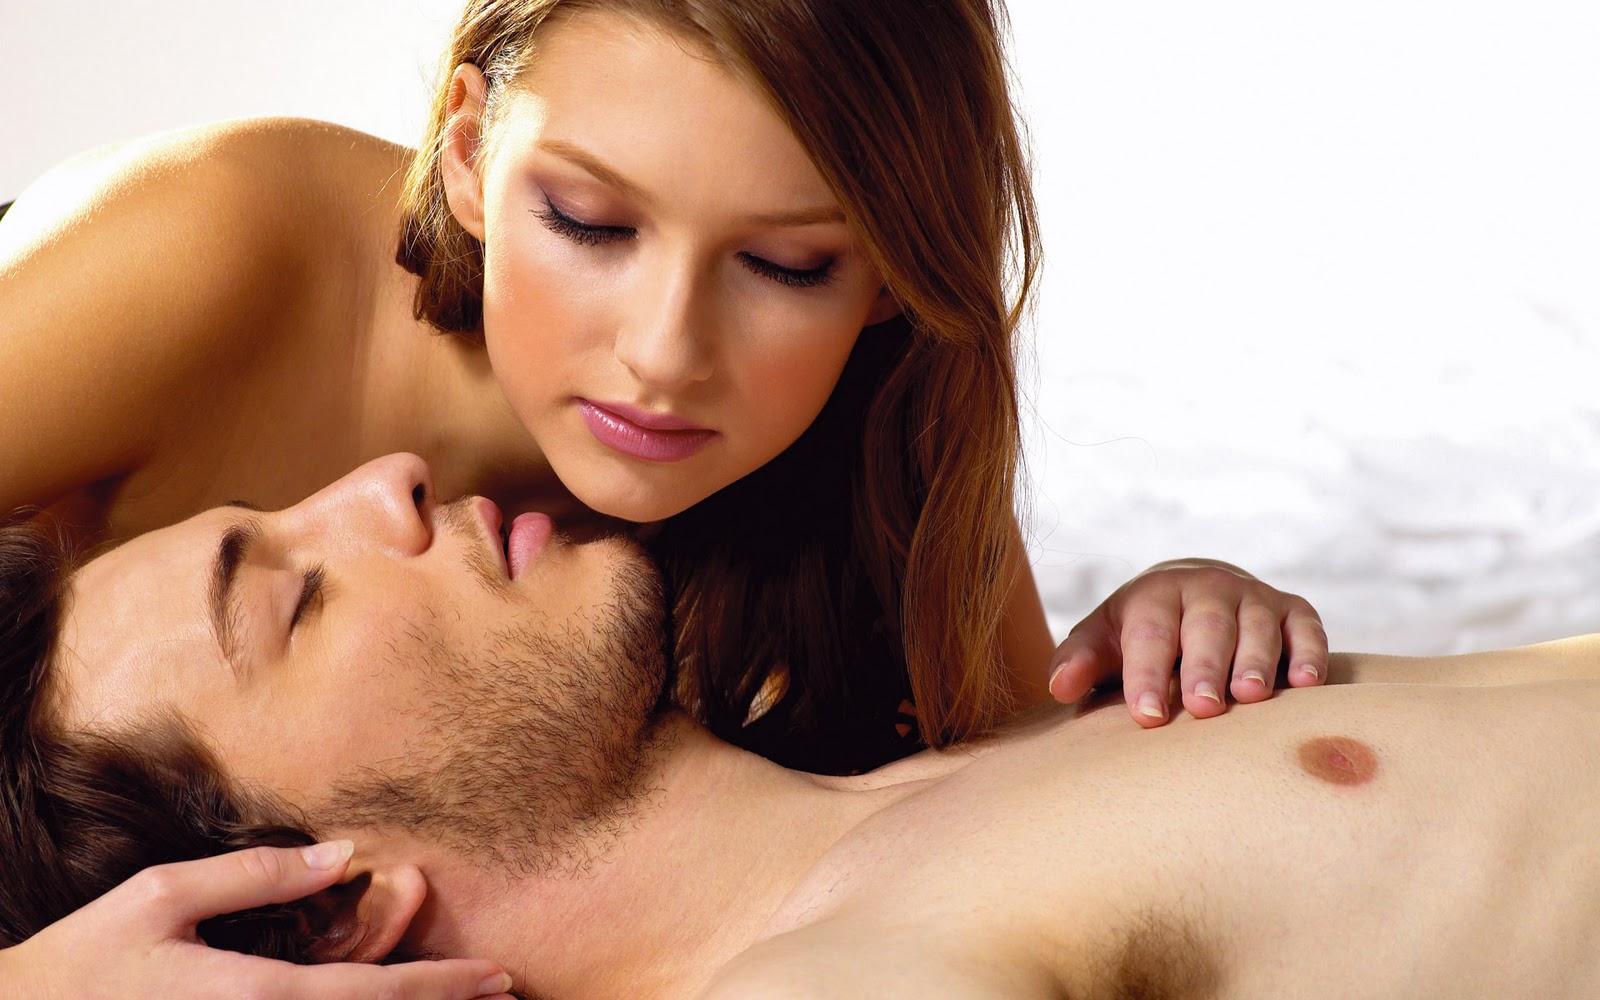 http://1.bp.blogspot.com/-u4LX24xe8IA/Twf6kYJIhPI/AAAAAAAACtg/d3DCx0dfs2I/s1600/Couples_32.jpg